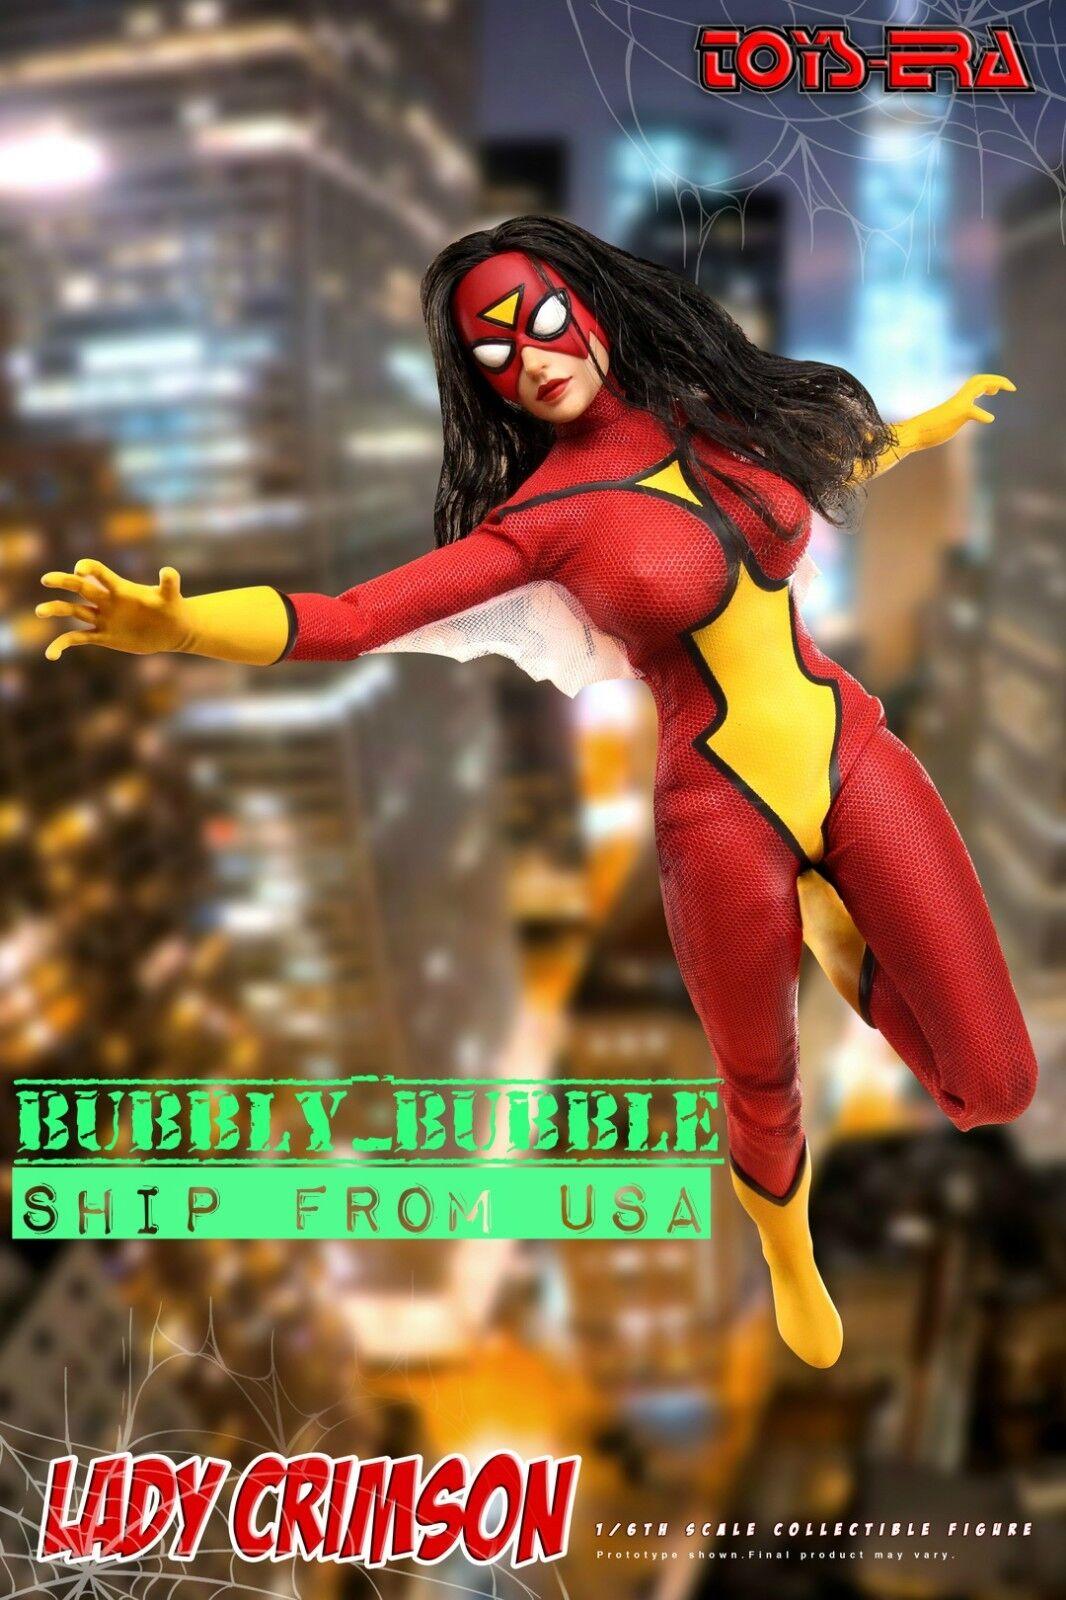 Escala 1/6 Mujer Araña Toys era TE020 Dama carmesí 12 figura  Estados Unidos en existencias